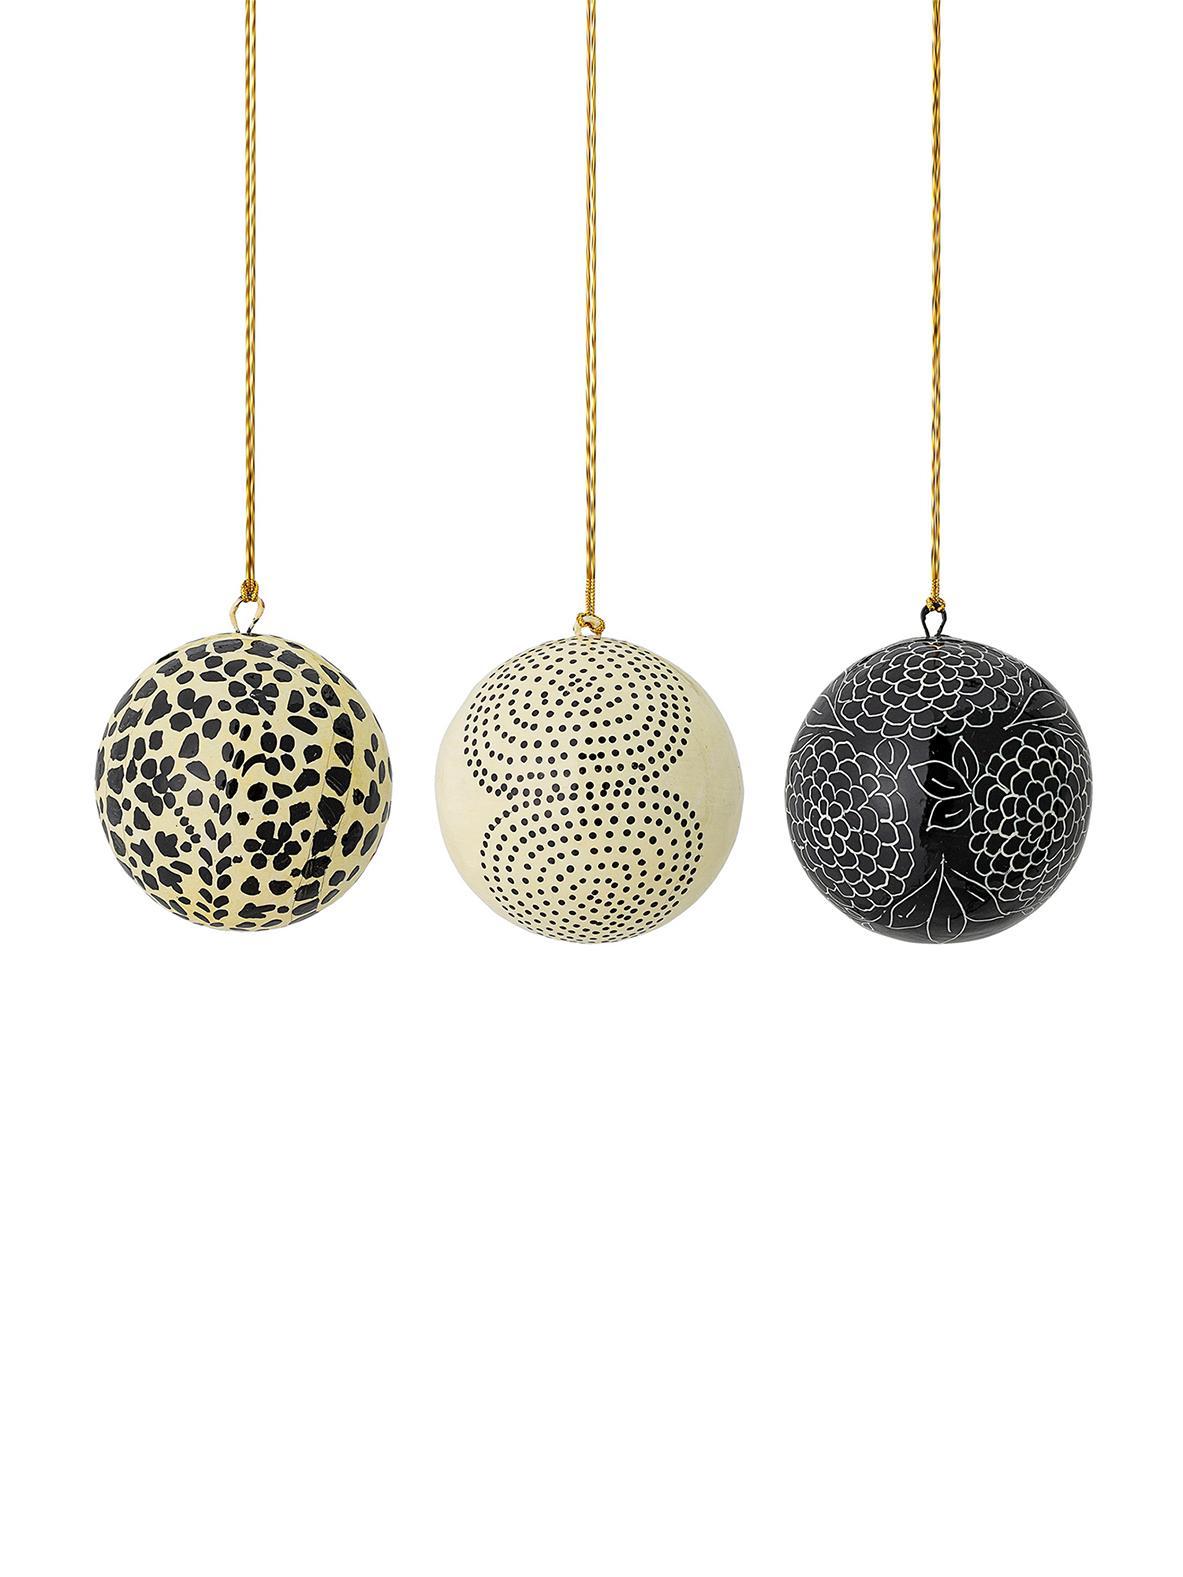 Set de bolas de Navidad artesanales Mech, Ø8cm, 3pzas., Papel maché, Beige, negro, Ø 8 cm